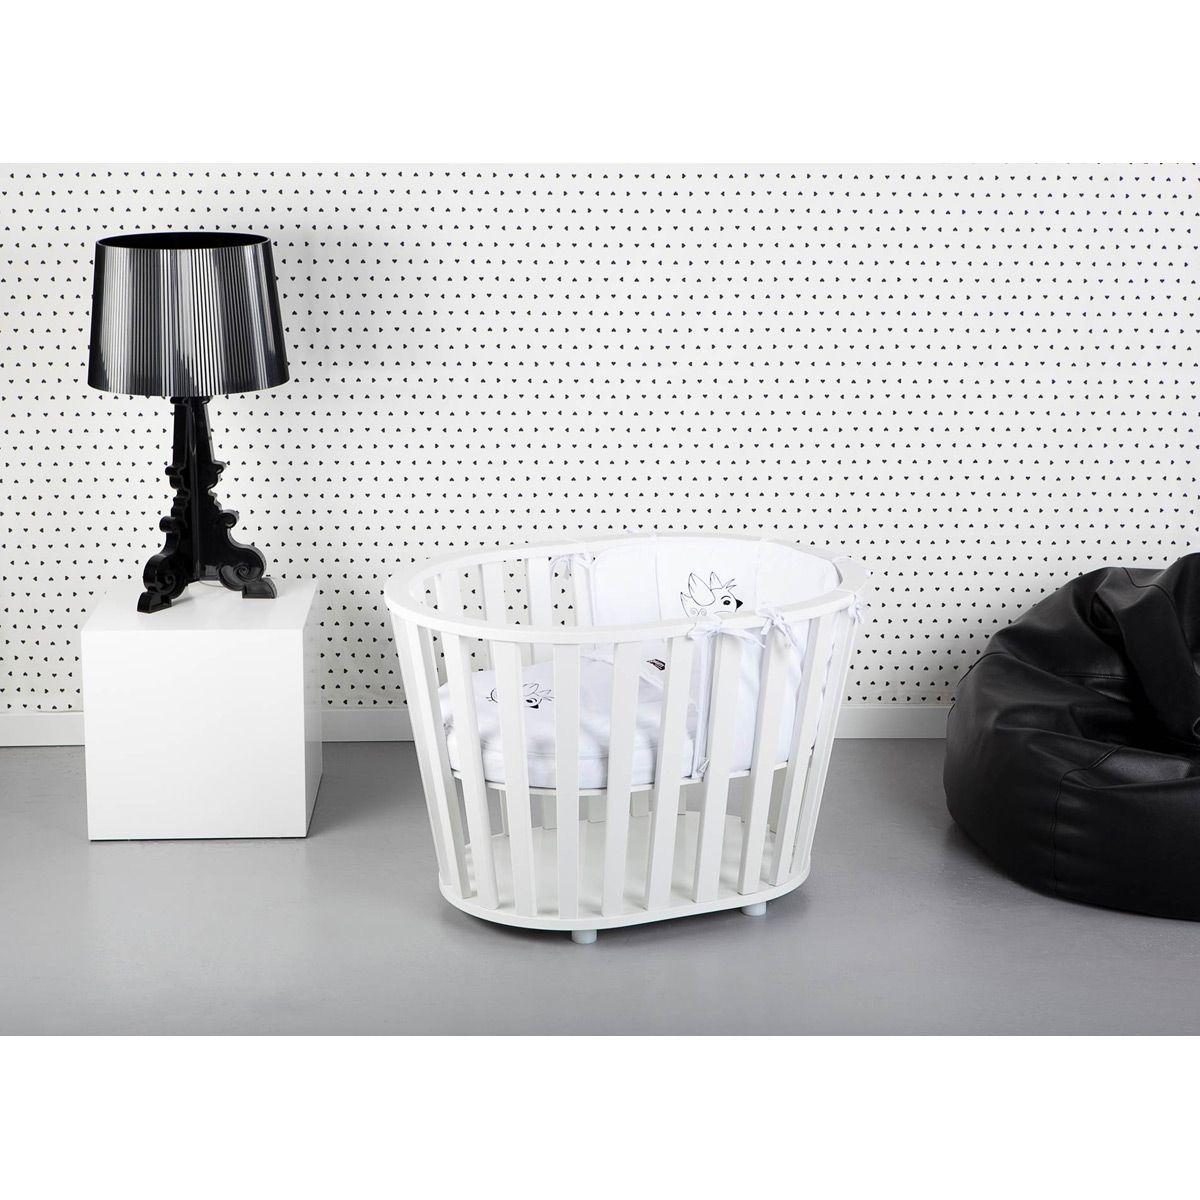 Un berceau intemporel aux lignes harmonieuses pour acompagner les premiers jours de votre bébé.